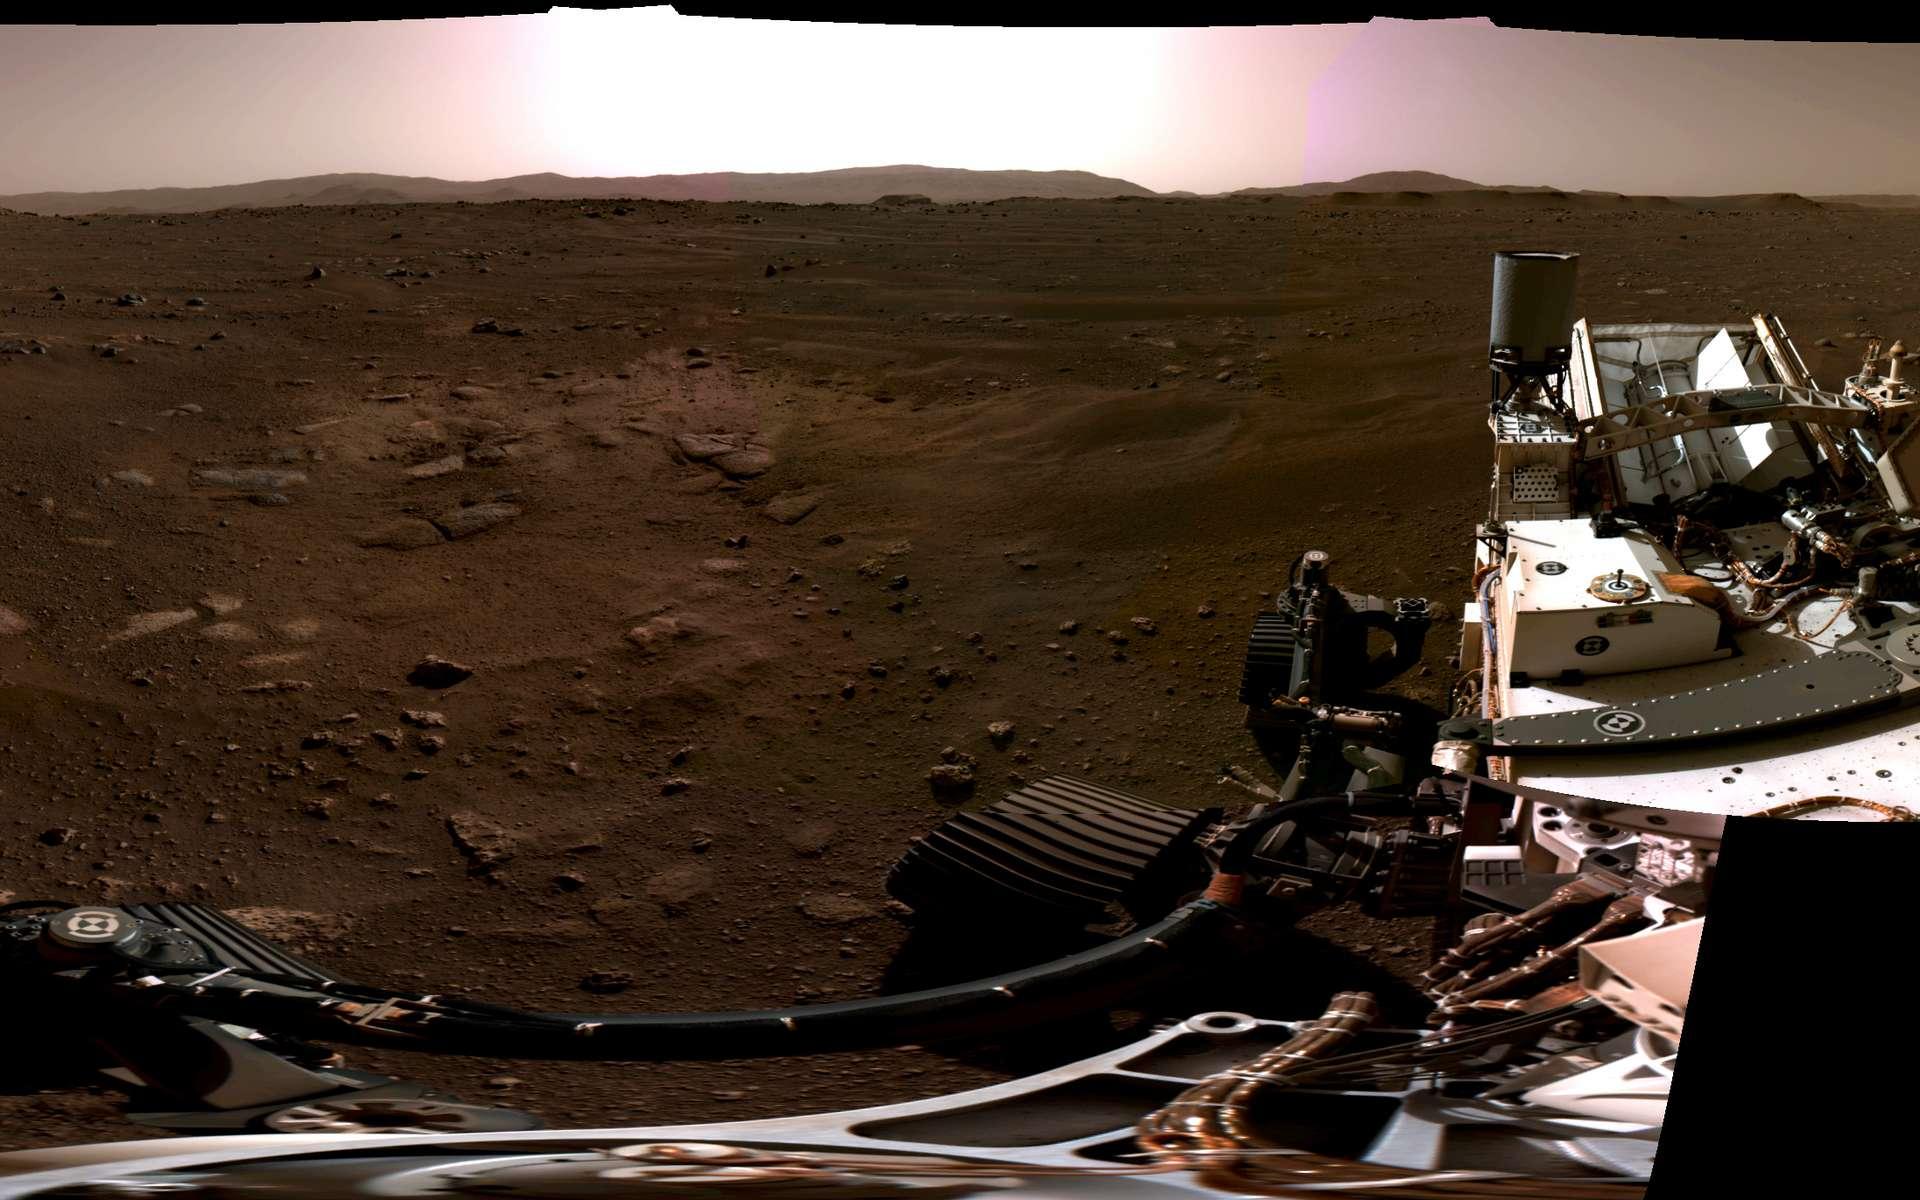 Panorama du site d'atterrissage de Perseverance le 20 février 2021. Ce panorama a été réalisé à partir d'images acquises par les caméras de navigation du rover. Six images ont été nécessaires pour le créer. © Nasa, JPL